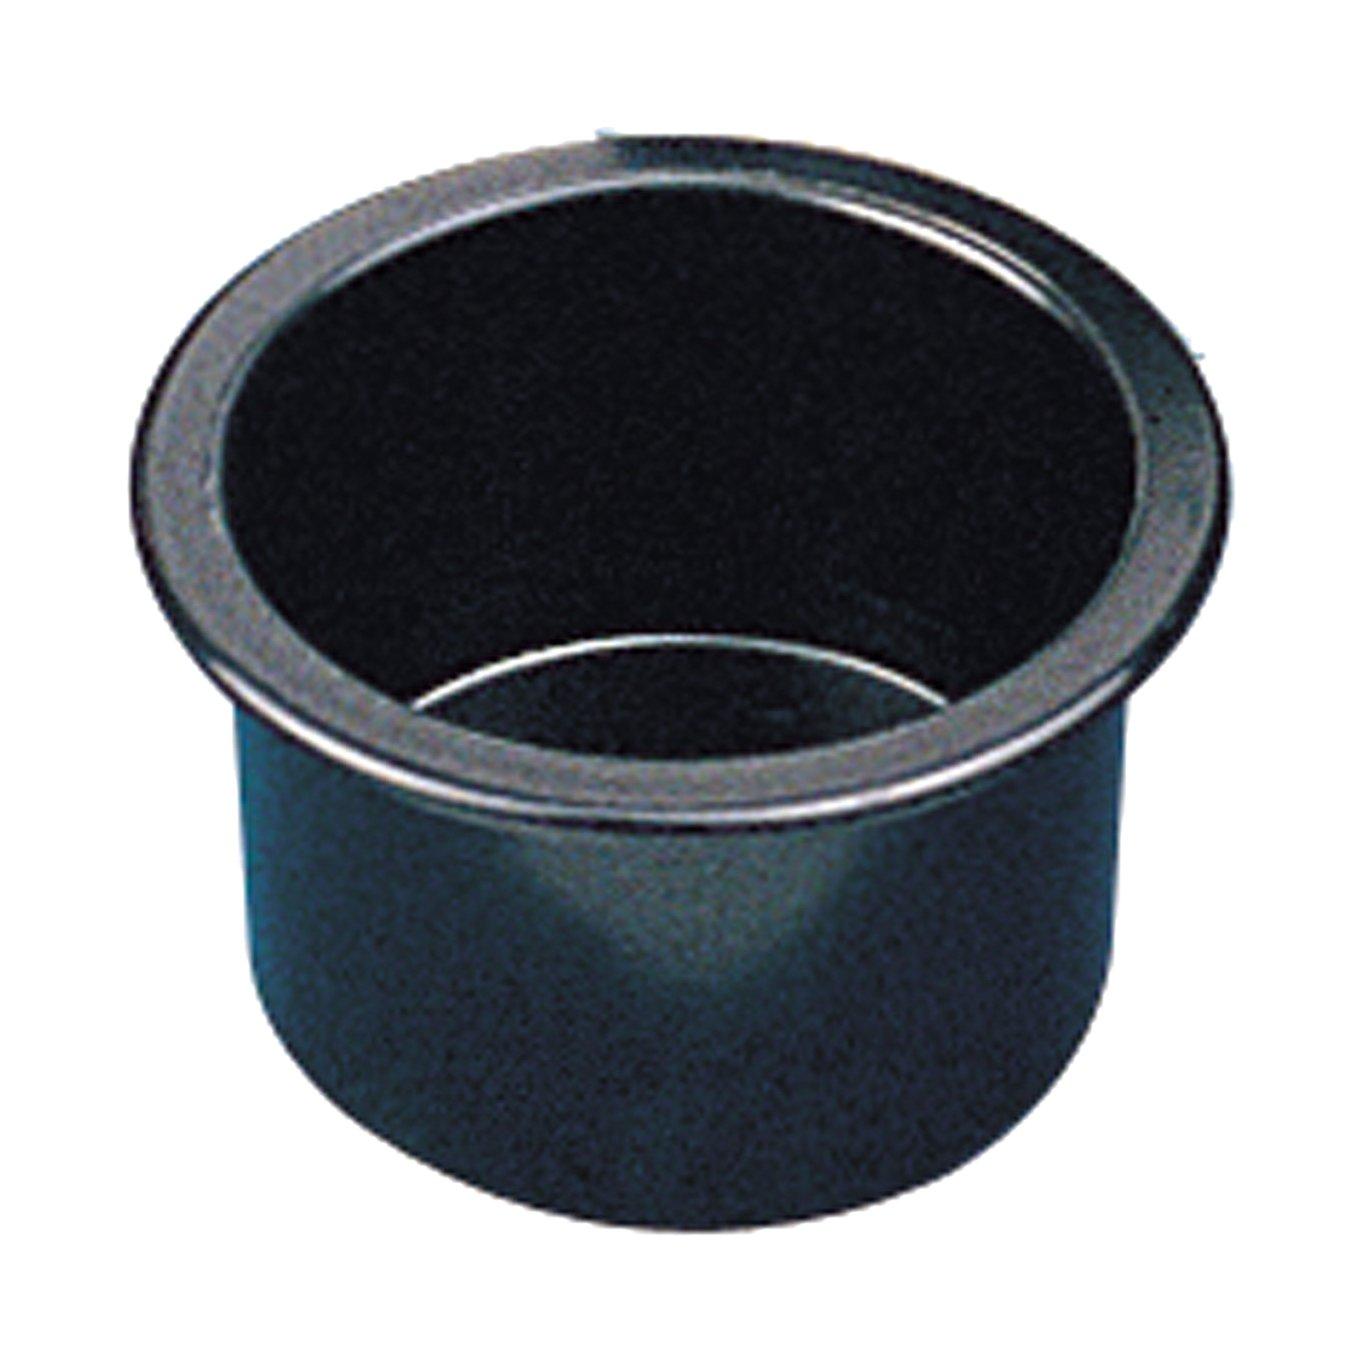 Sea-Dog 588010 Flush Mount Drink Holder, 3'' Deep - Black